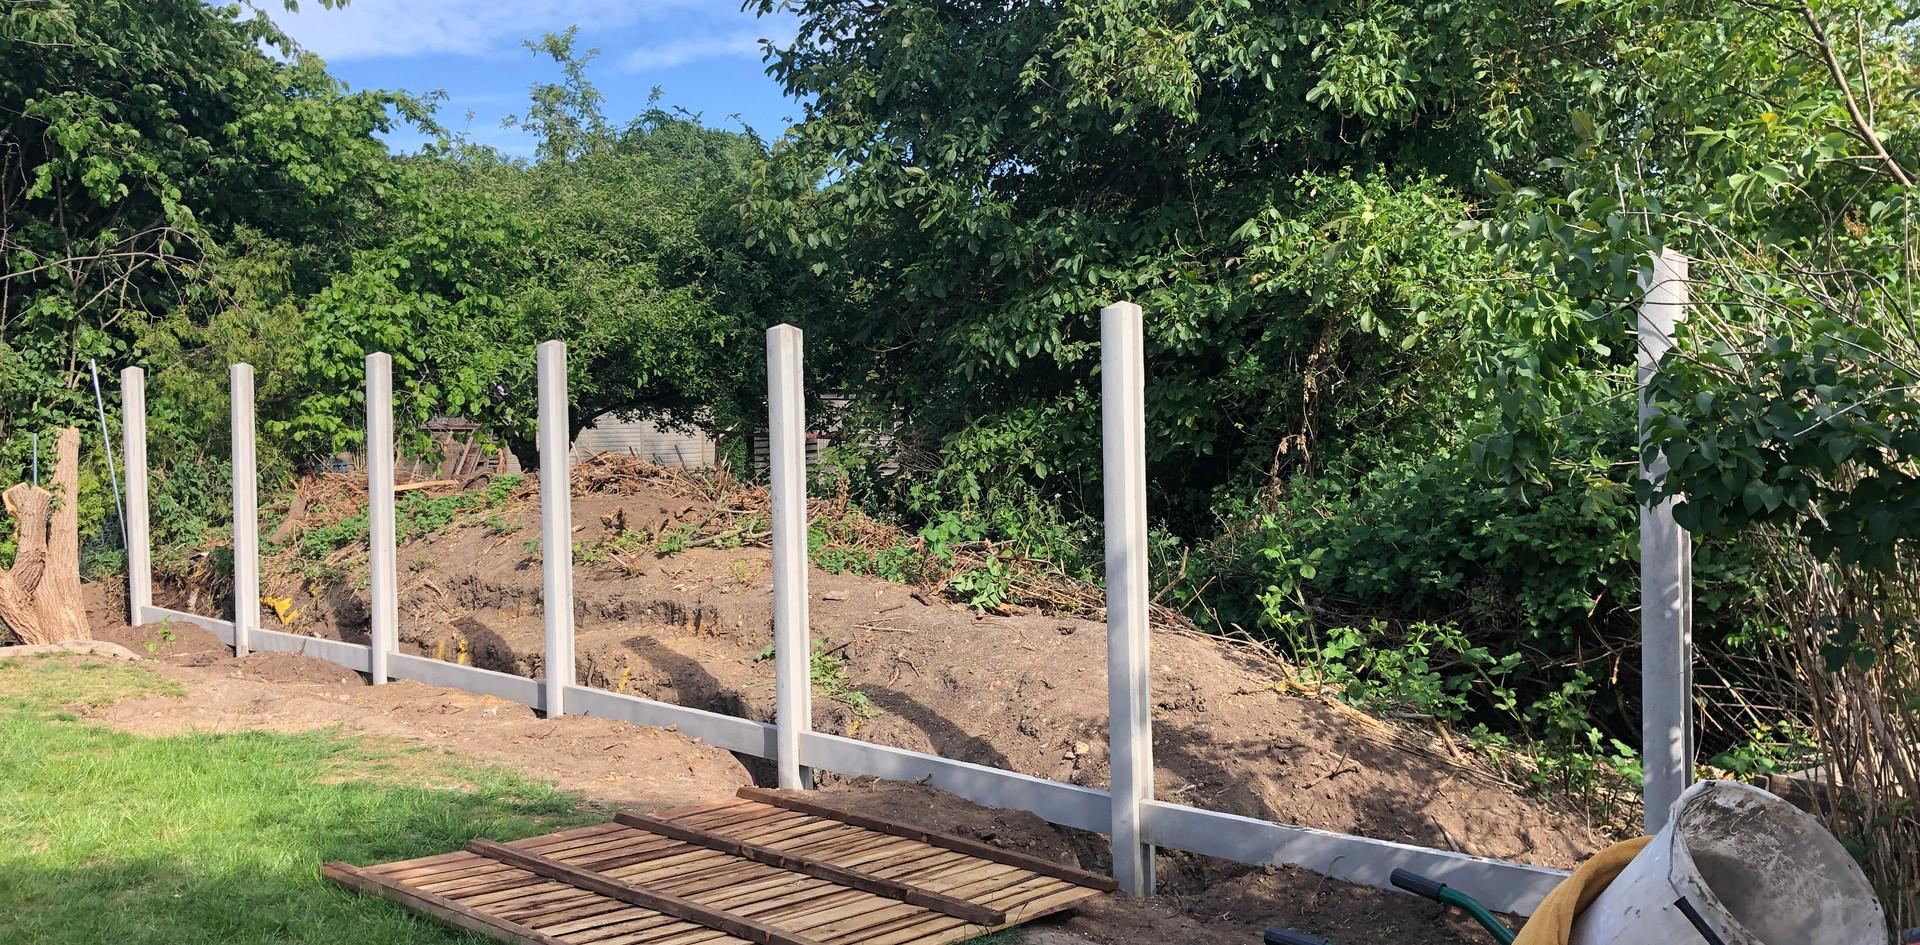 Concrete fence posts